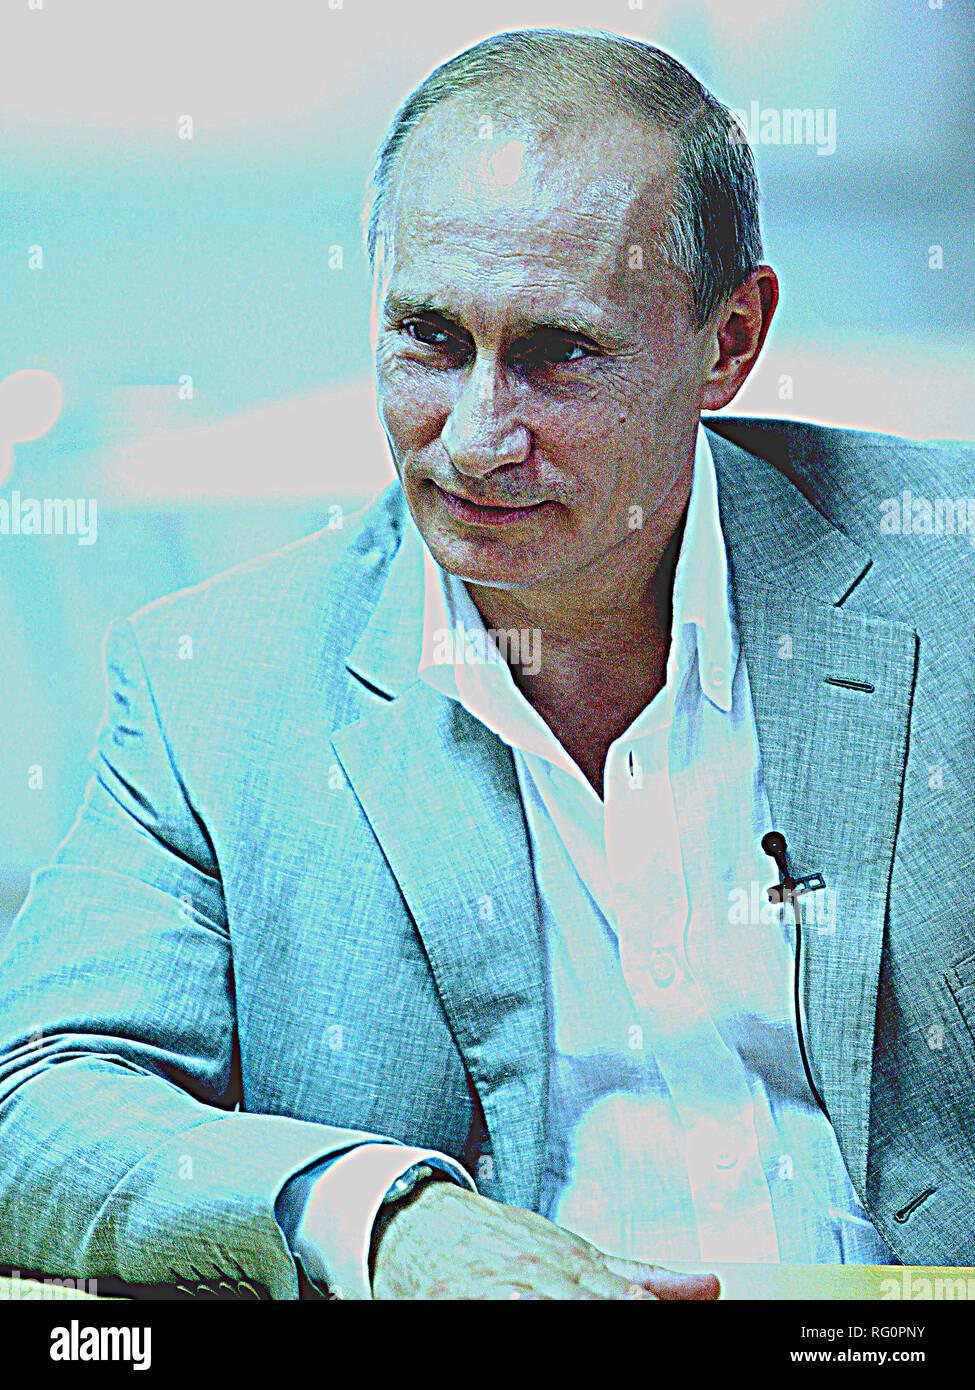 Poster of Russian President Vladimir Putin.jpg - RG0PPG - Stock Image